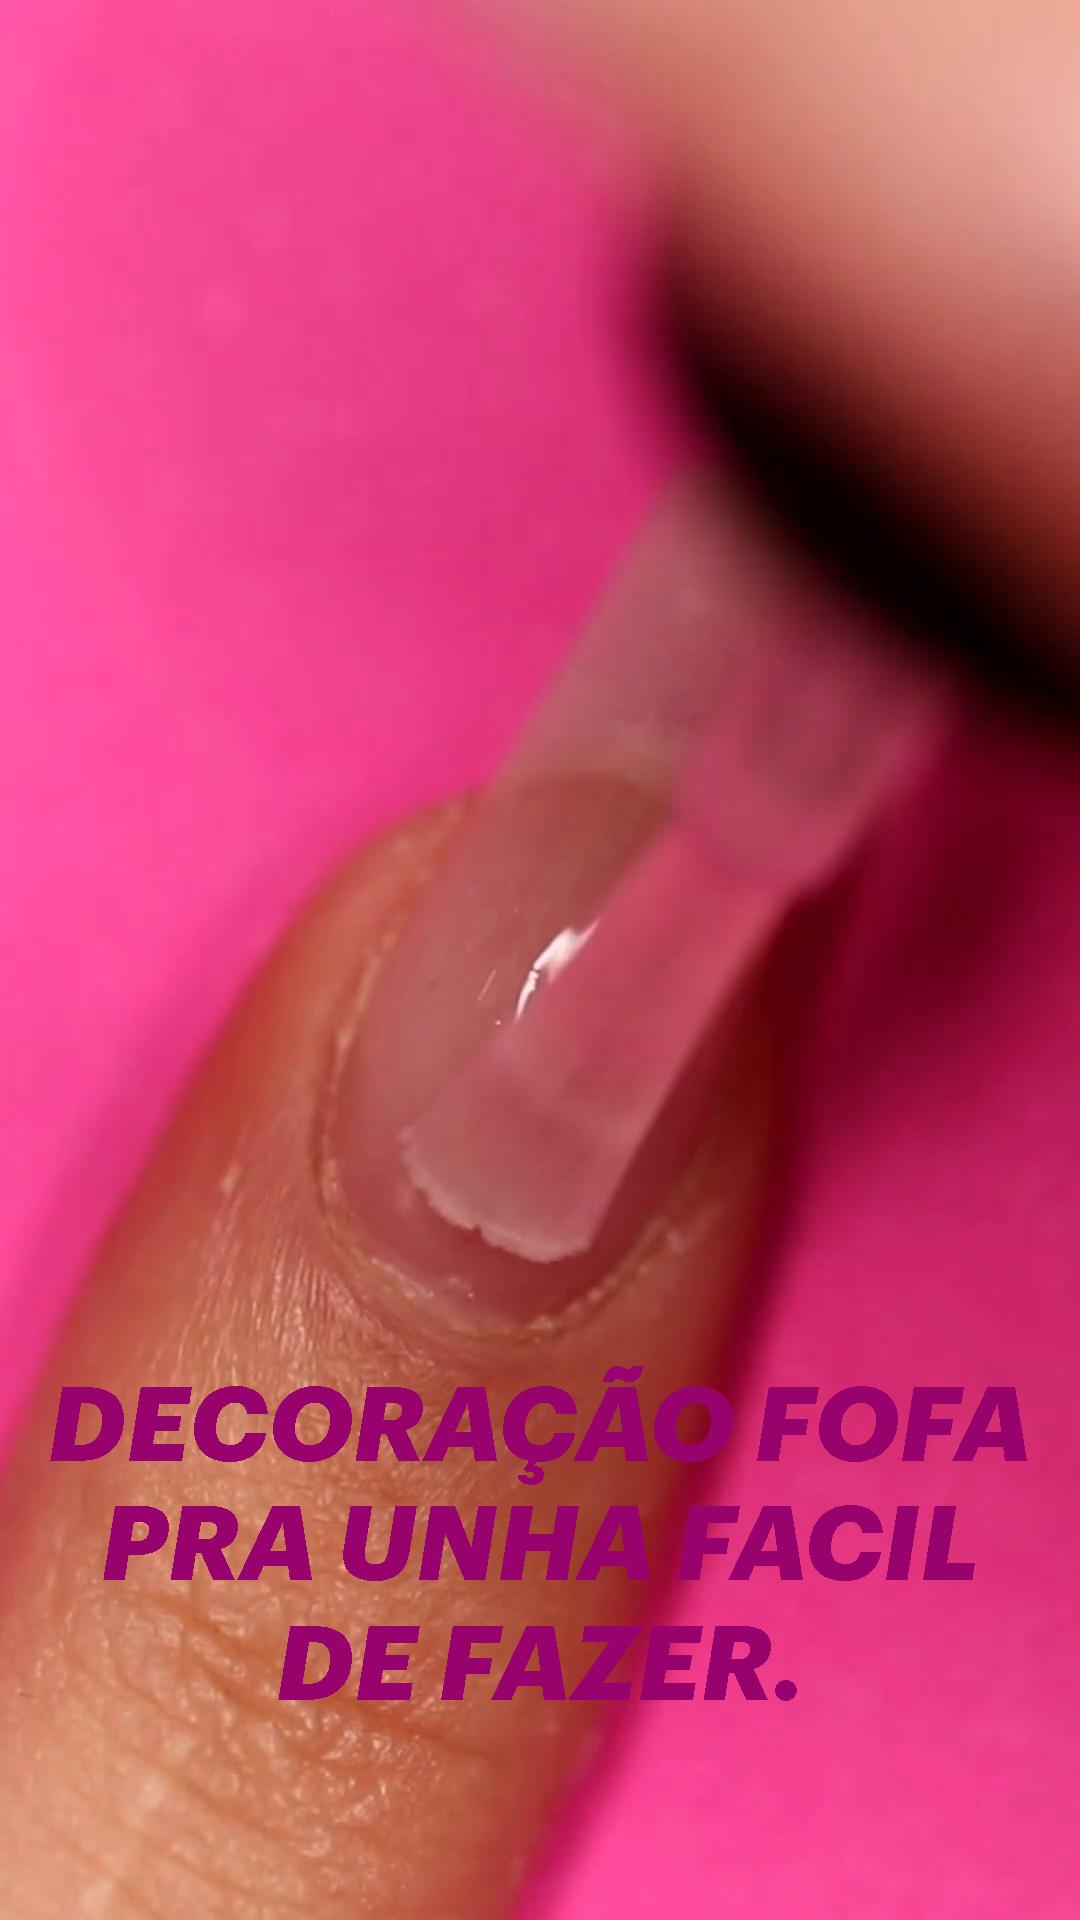 DECORAÇÃO FOFA PRA UNHA FACIL DE FAZER.